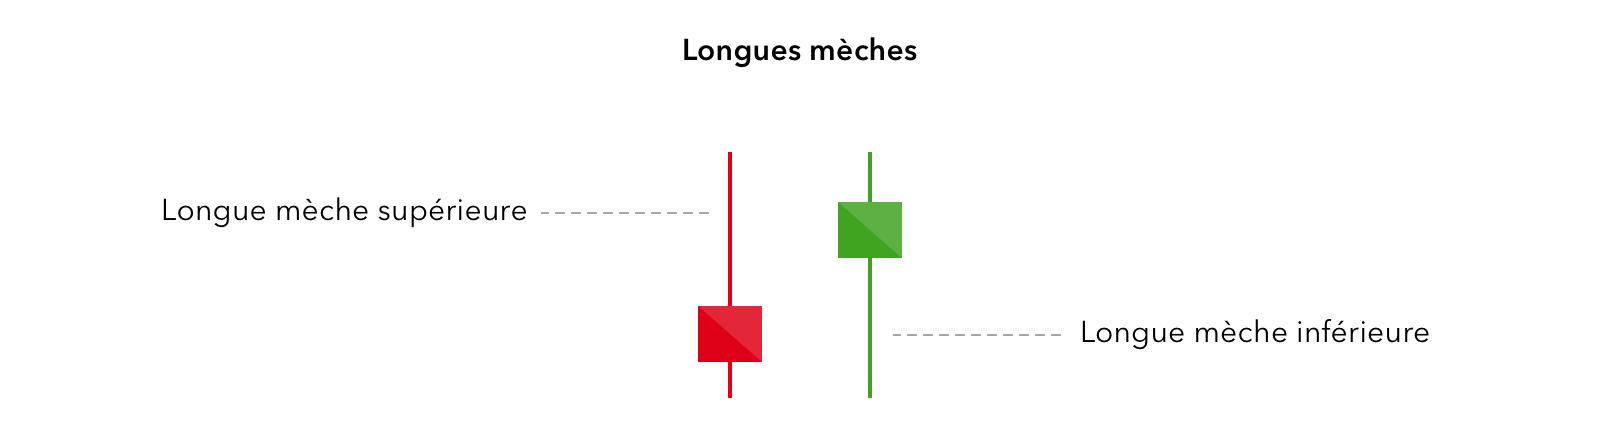 cum să înțelegeți o diagramă forex